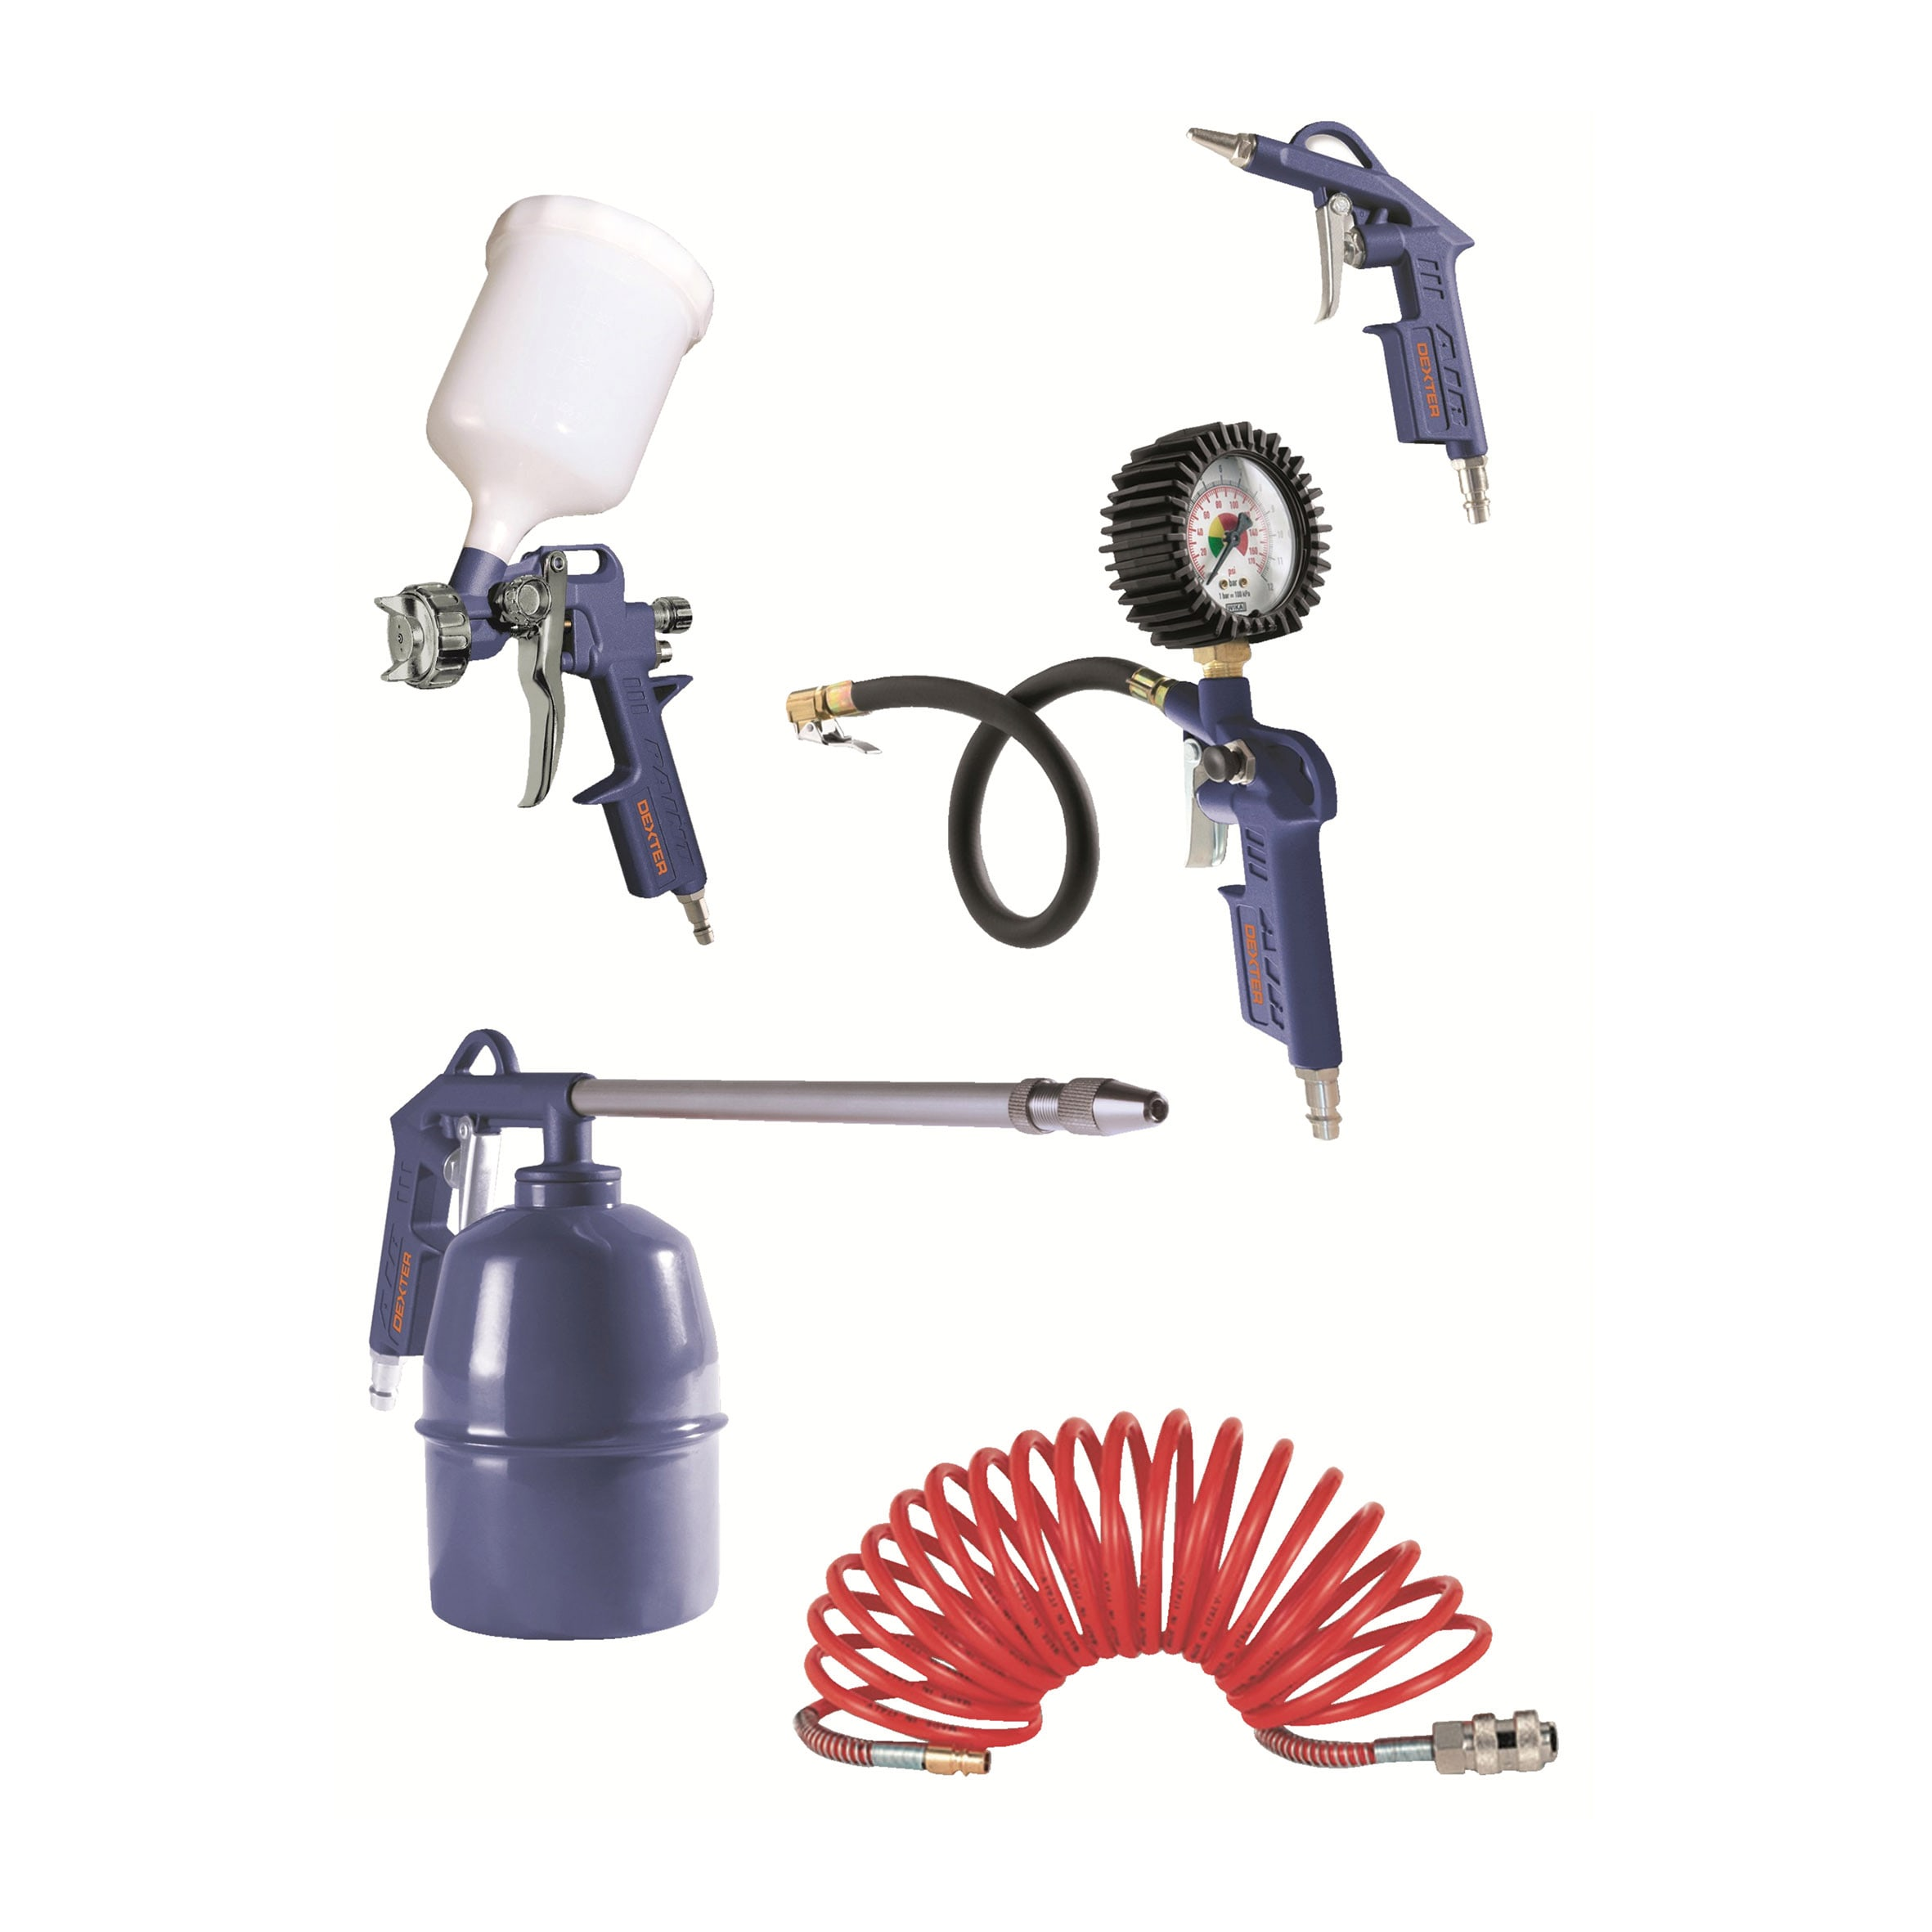 Kit Di Accessori Universali Per Compressore Prezzi E Offerte Online